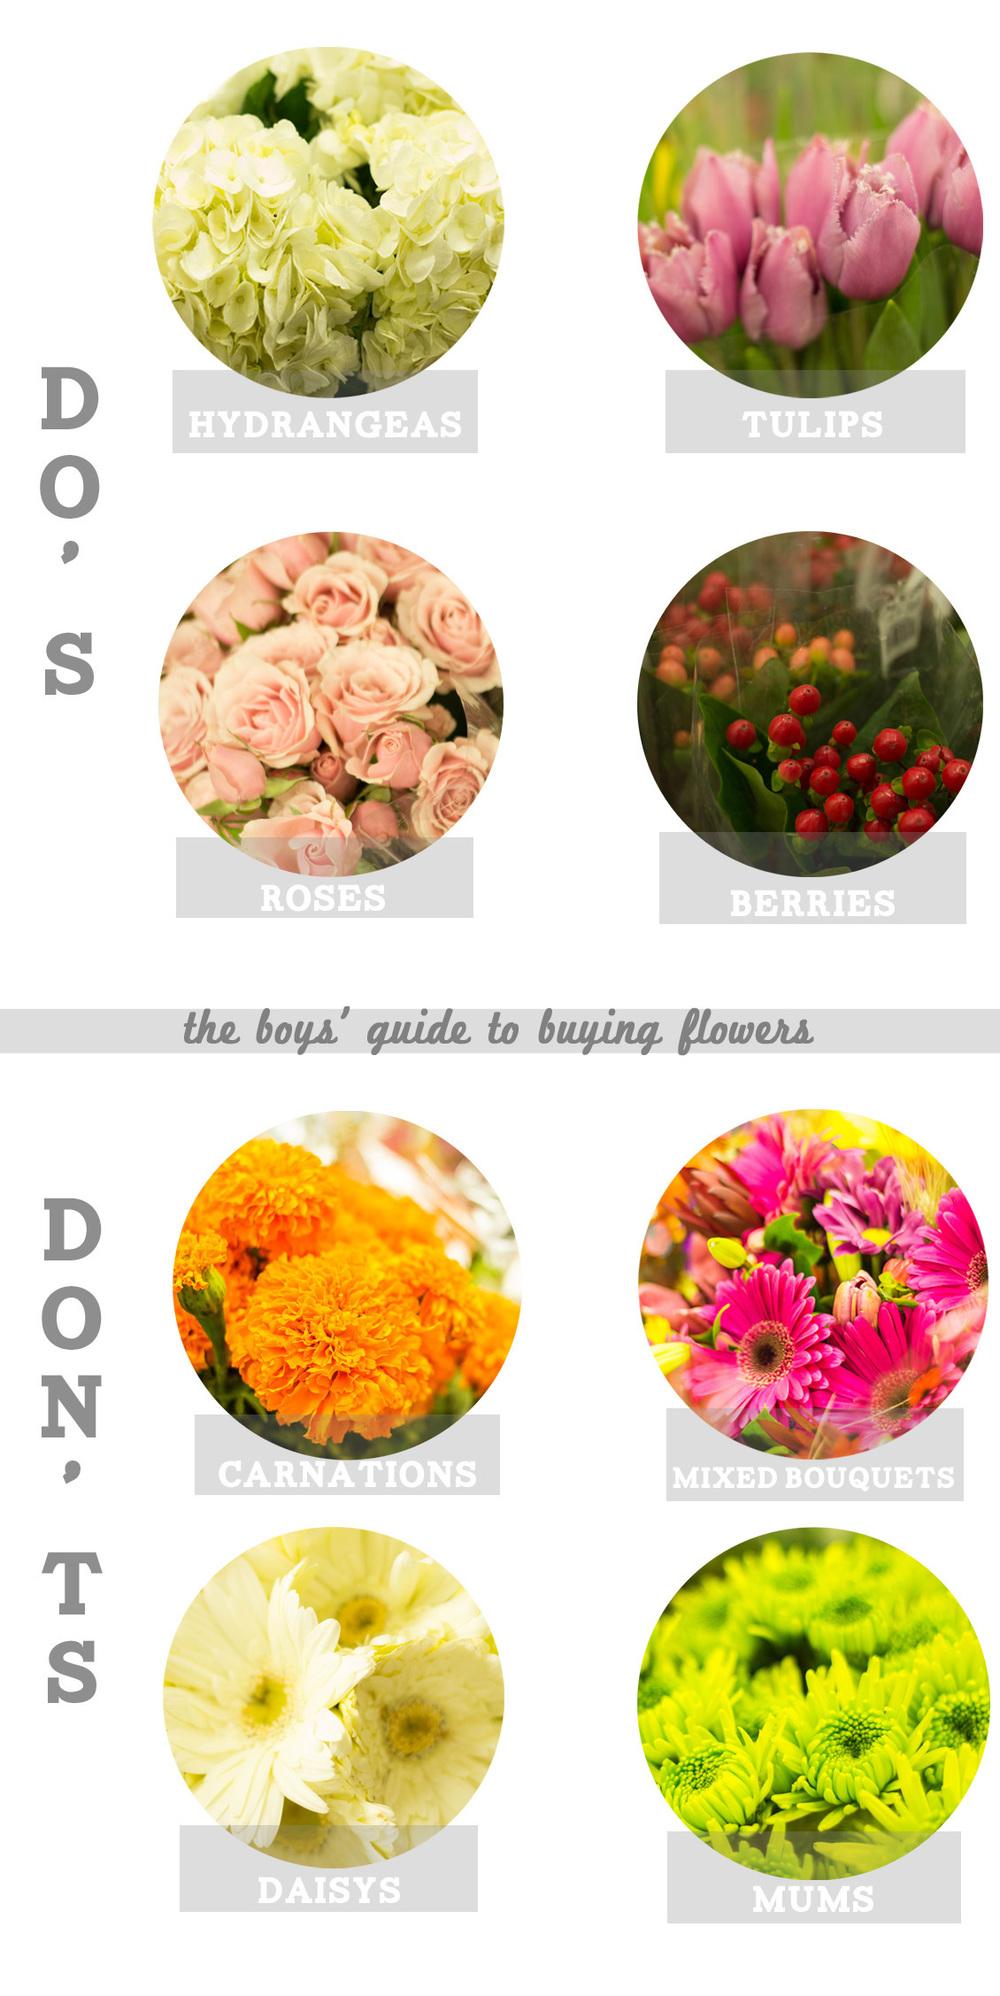 Flora_edited-2.jpg